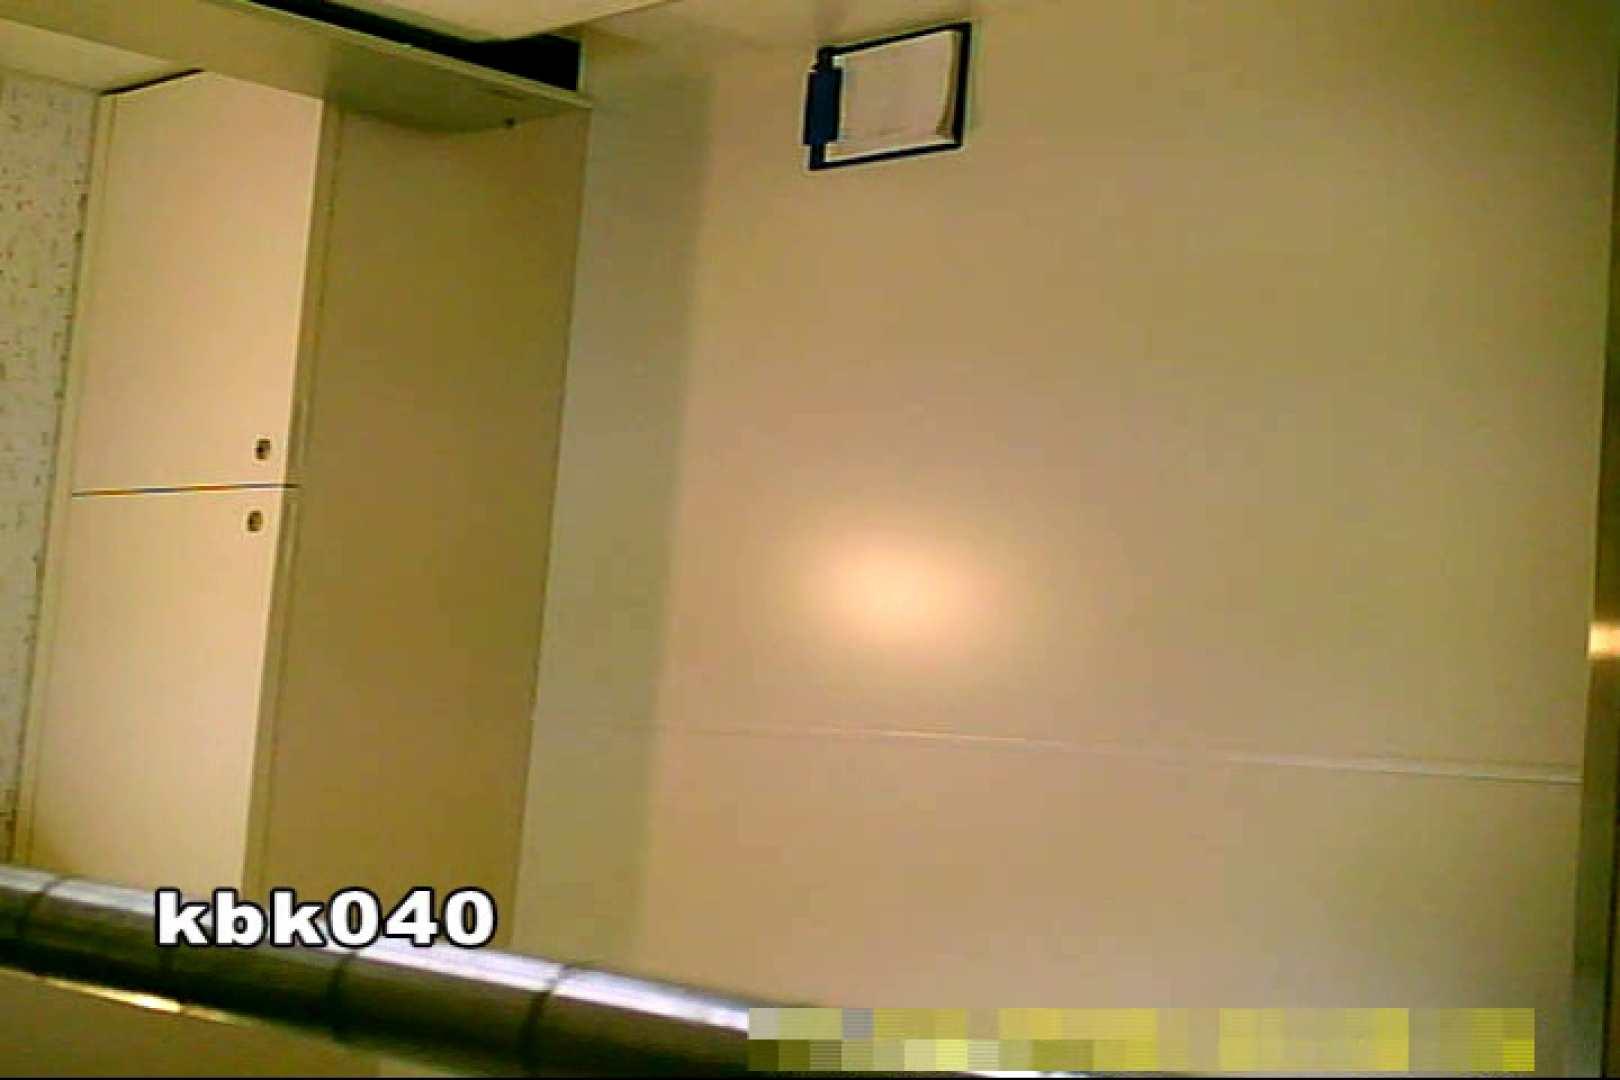 大切なことなので違う角度から2度眺めてみた vol.040 洗面所のぞき オマンコ無修正動画無料 112枚 35